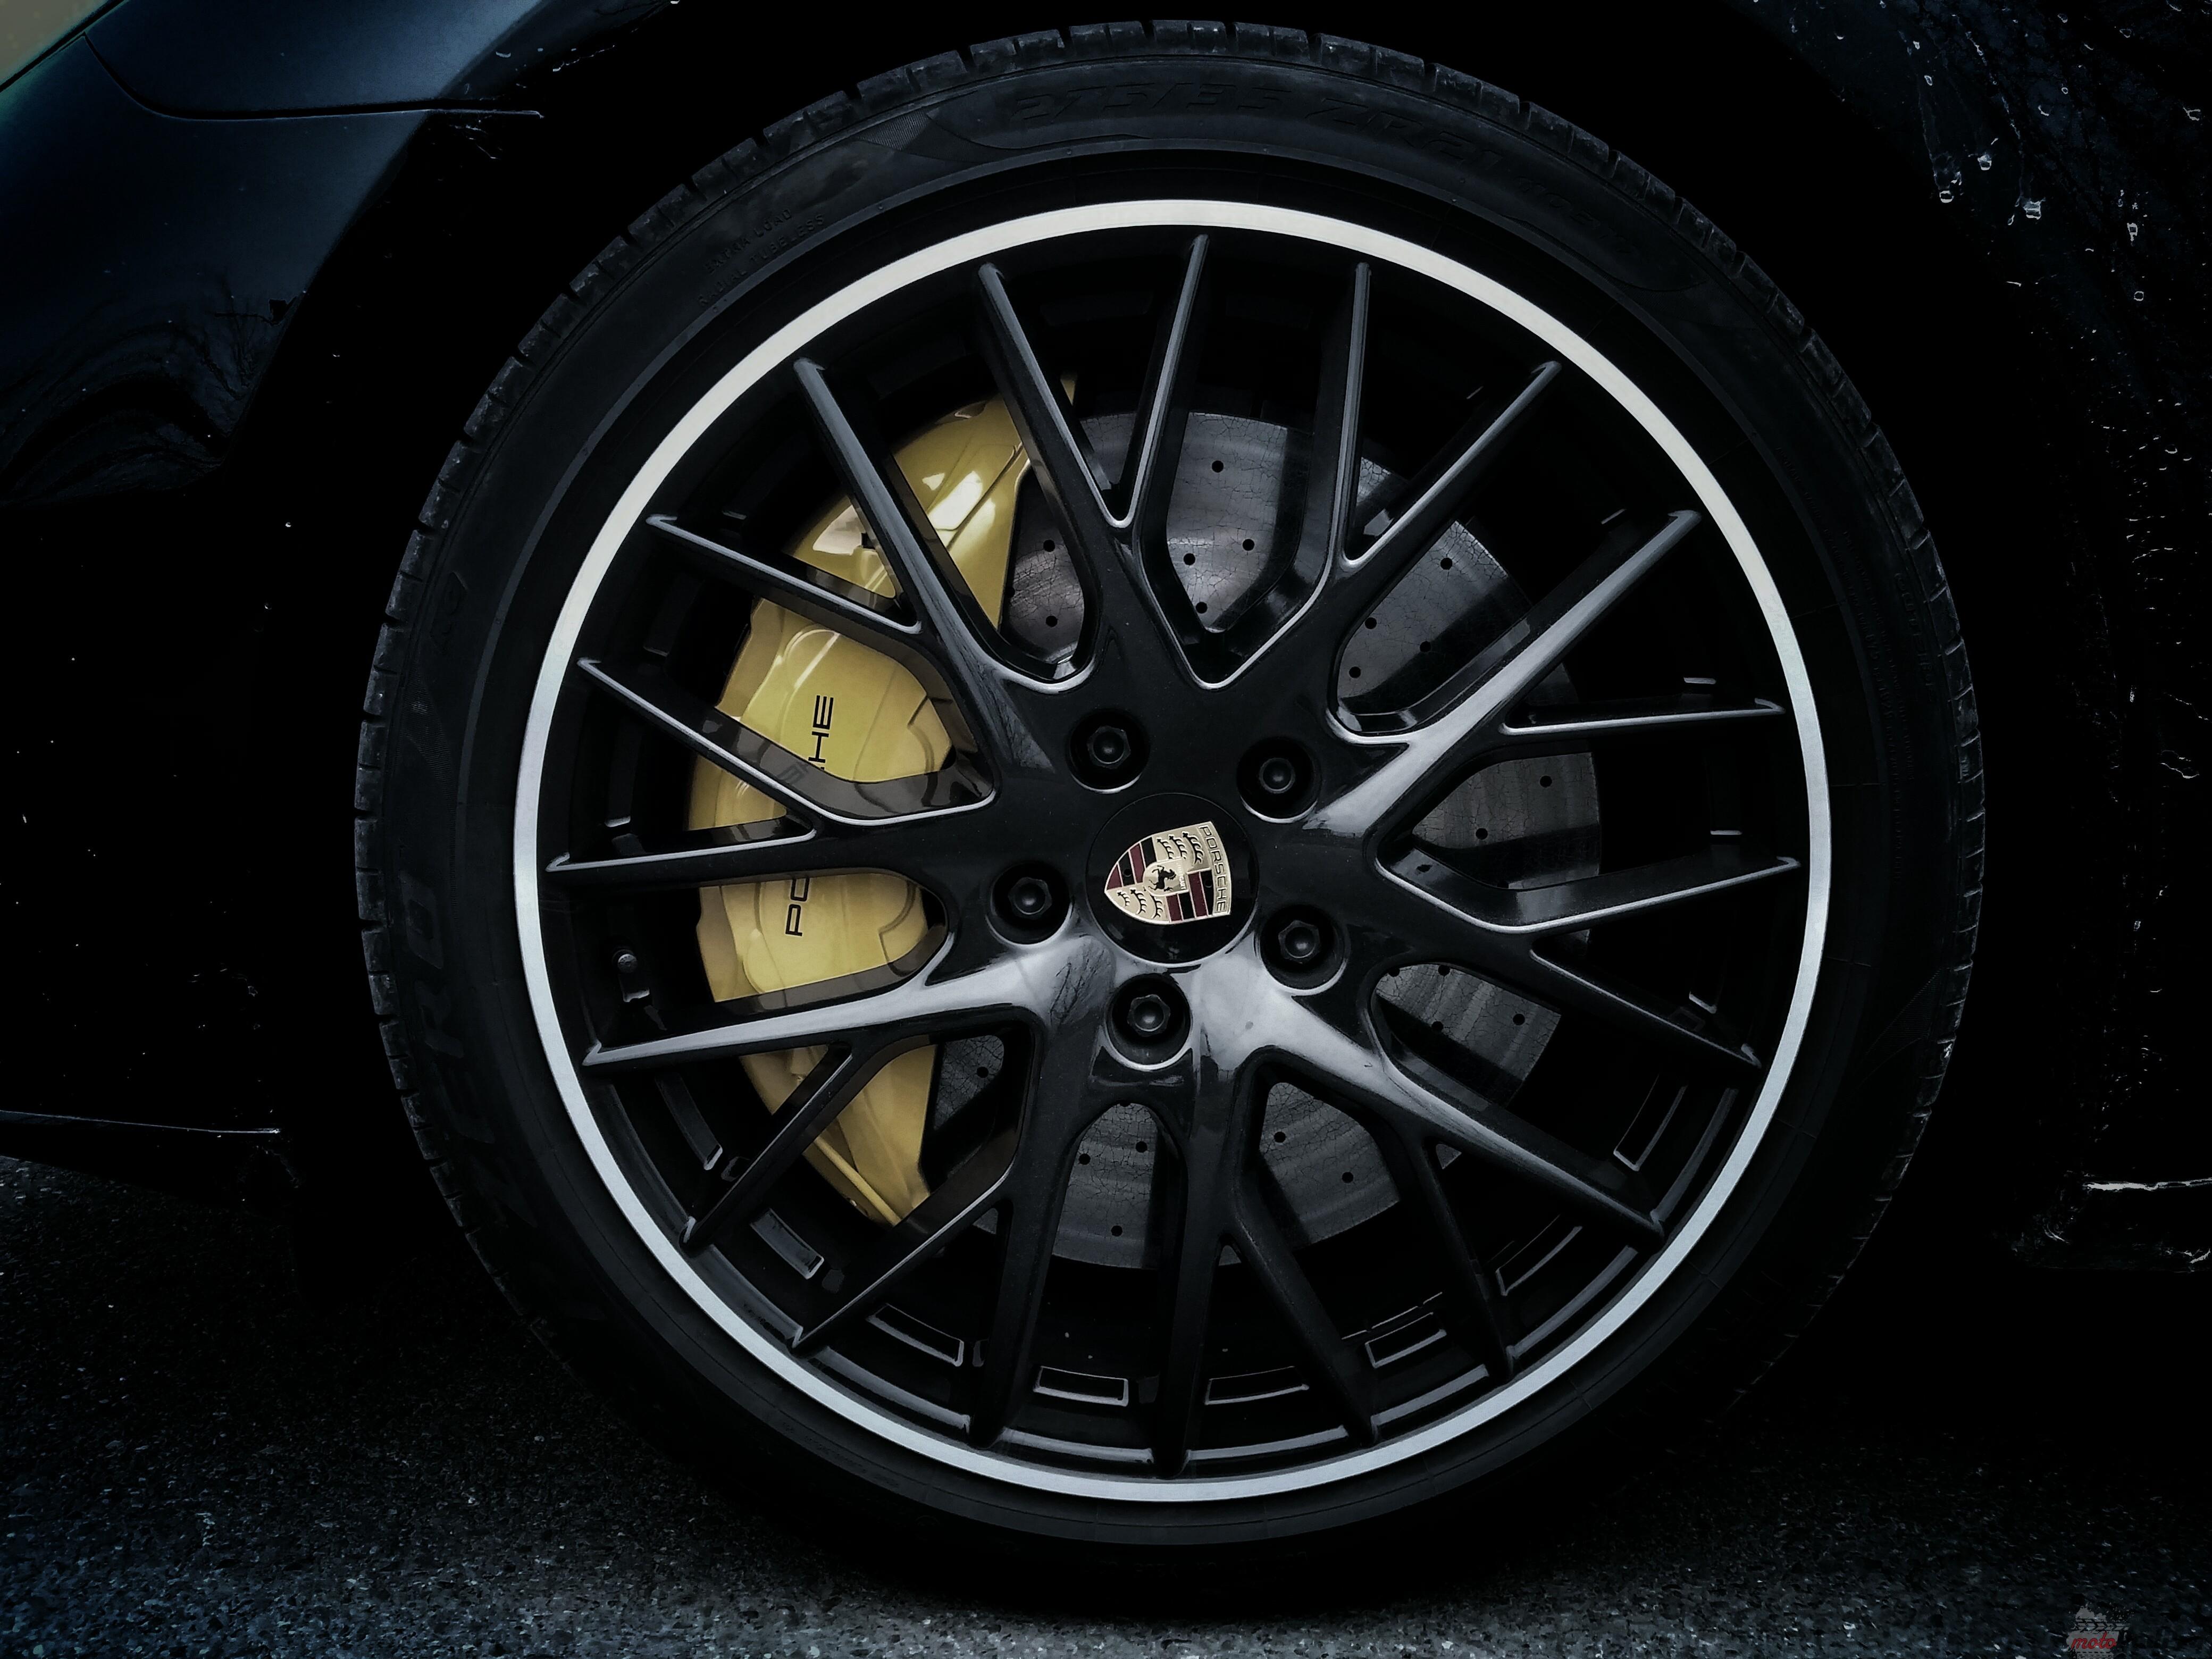 Porsche Panamera 4S Diesel 14 5 minut z   Porsche Panamera 4S Diesel